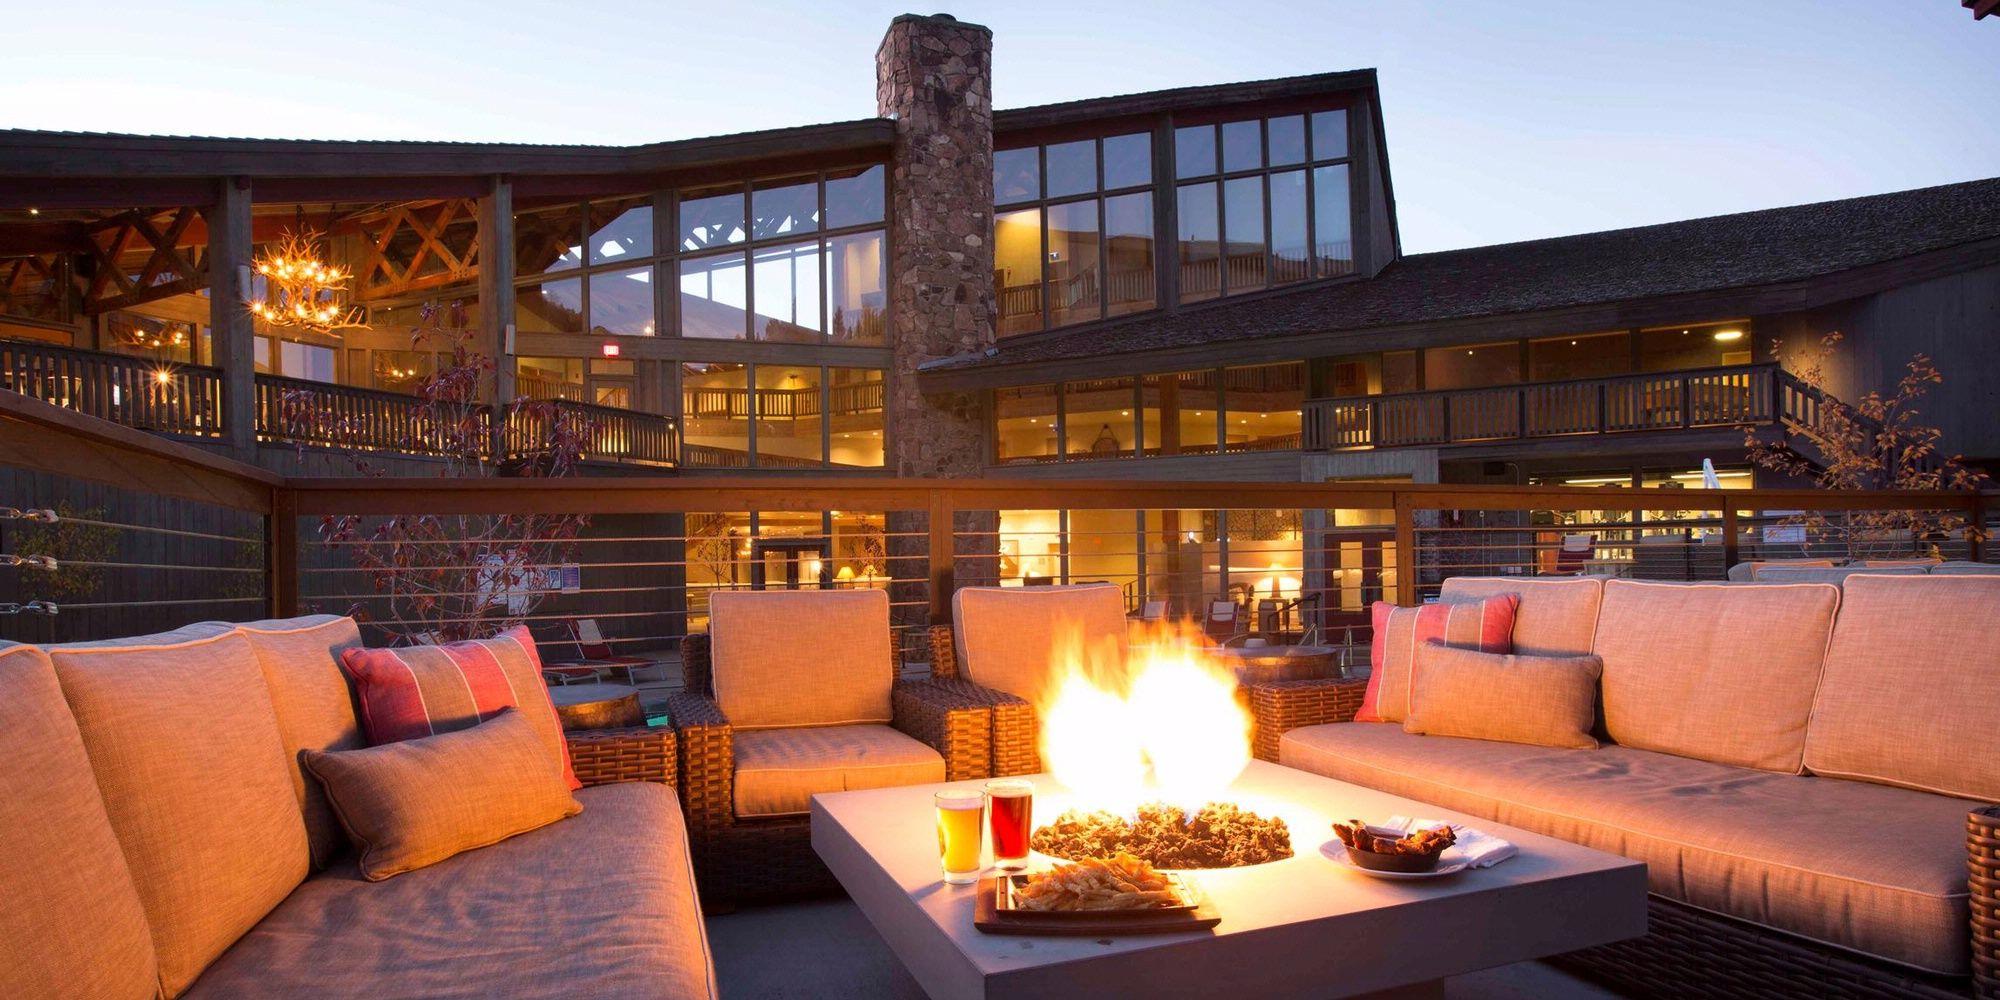 Jackson Hole Hotels | Snow King Hotel Resort Jackson Hole